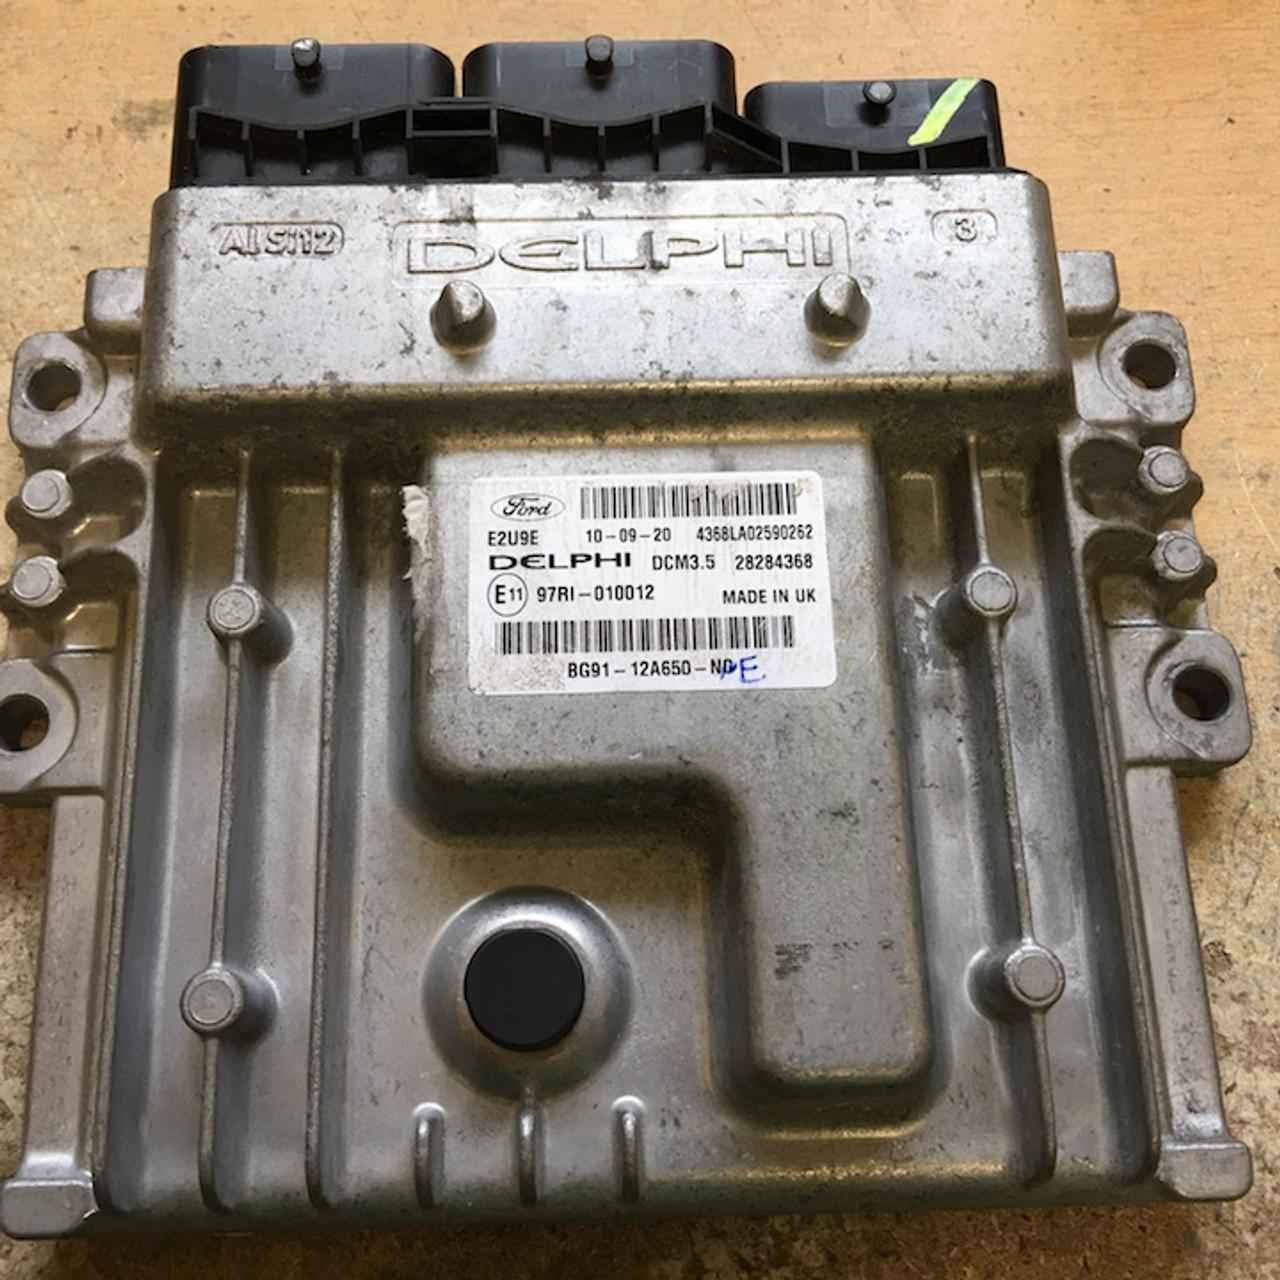 Plug & Play Delphi Engine ECU, Ford Diesel, BG91-12A650-ND, DCM3.5